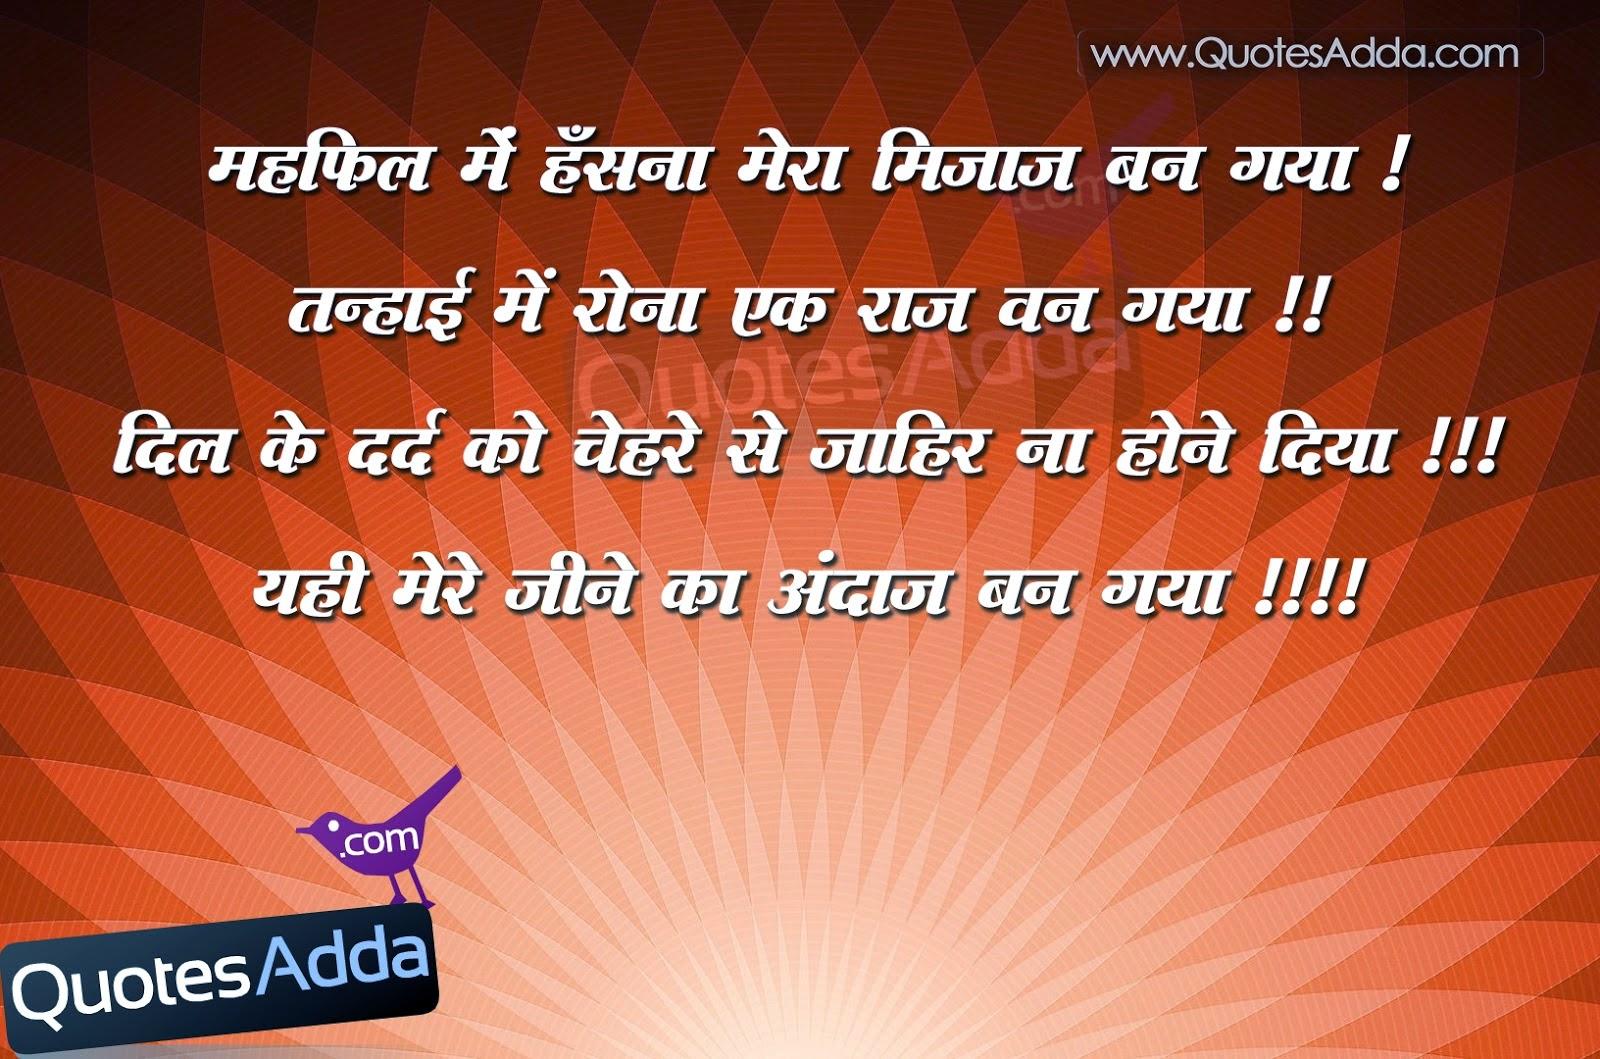 new love shayri image in hindi reviewwalls co